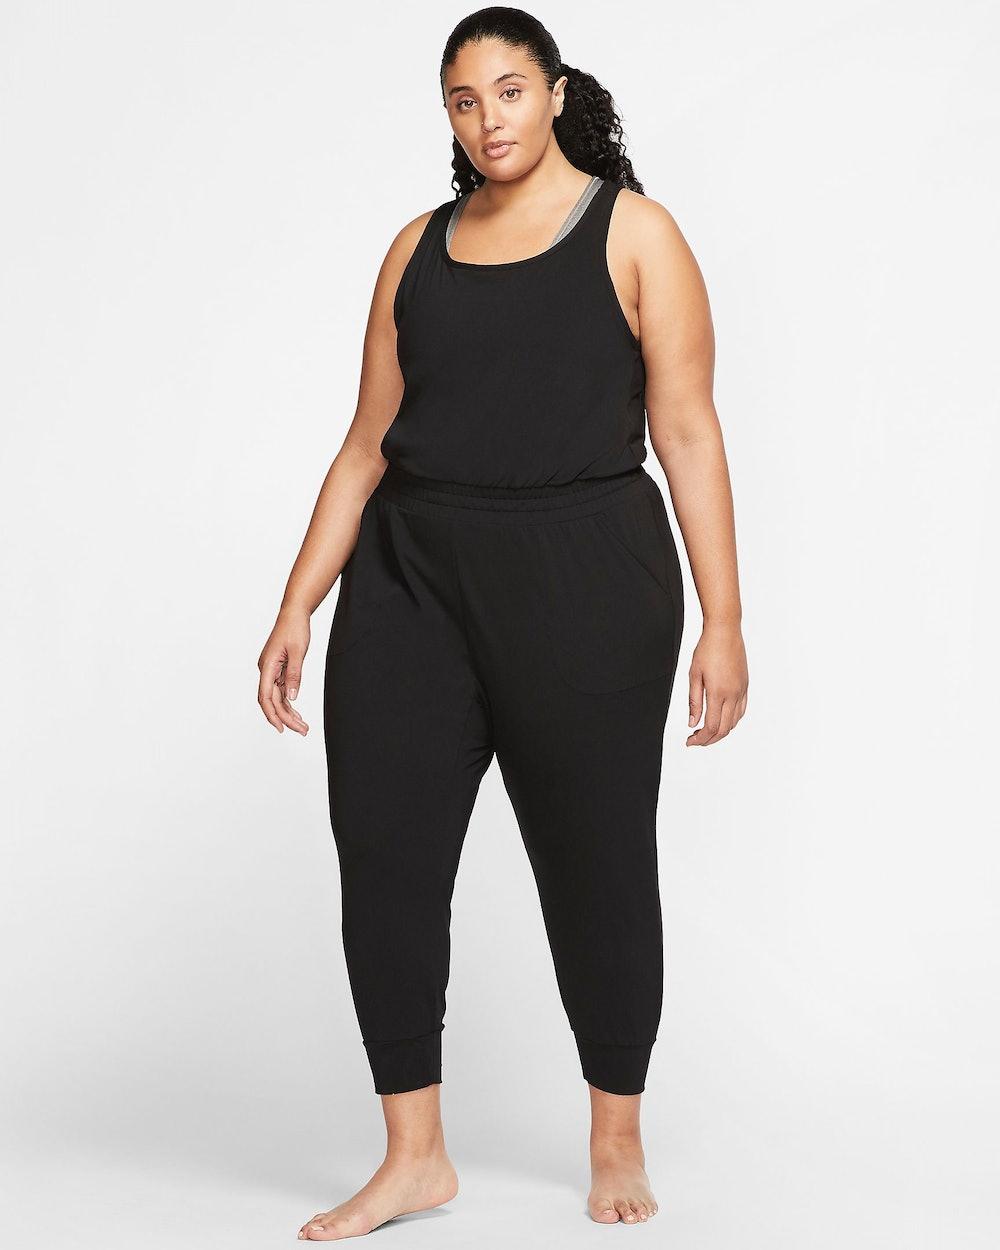 Women's 7/8 Jumpsuit (Plus Size)